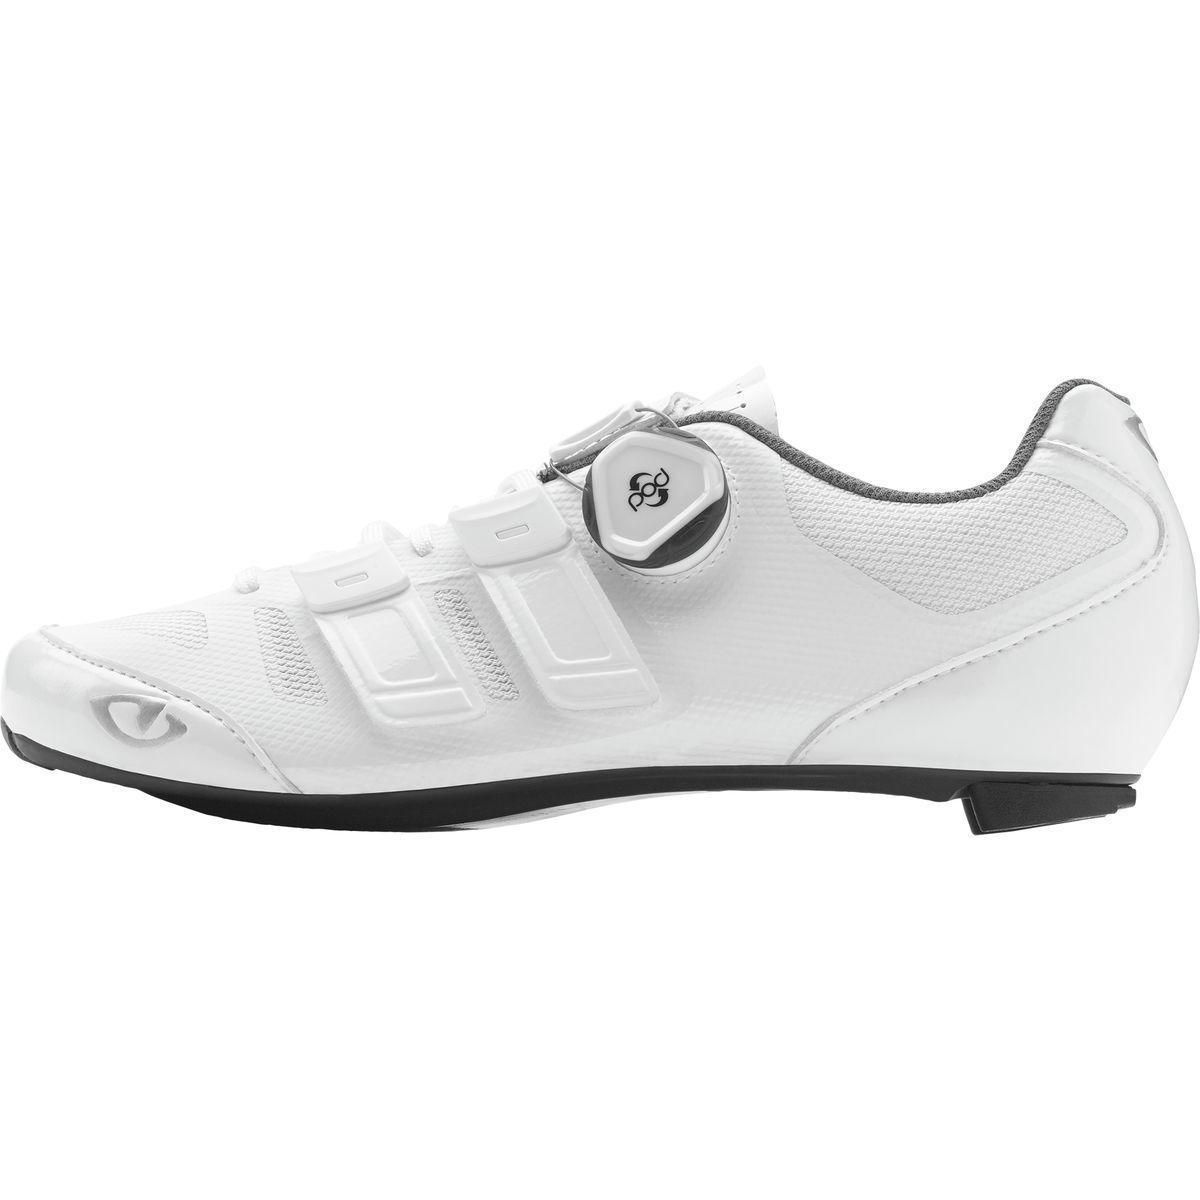 Giro Raes Techlace Cycling Shoe - Women's